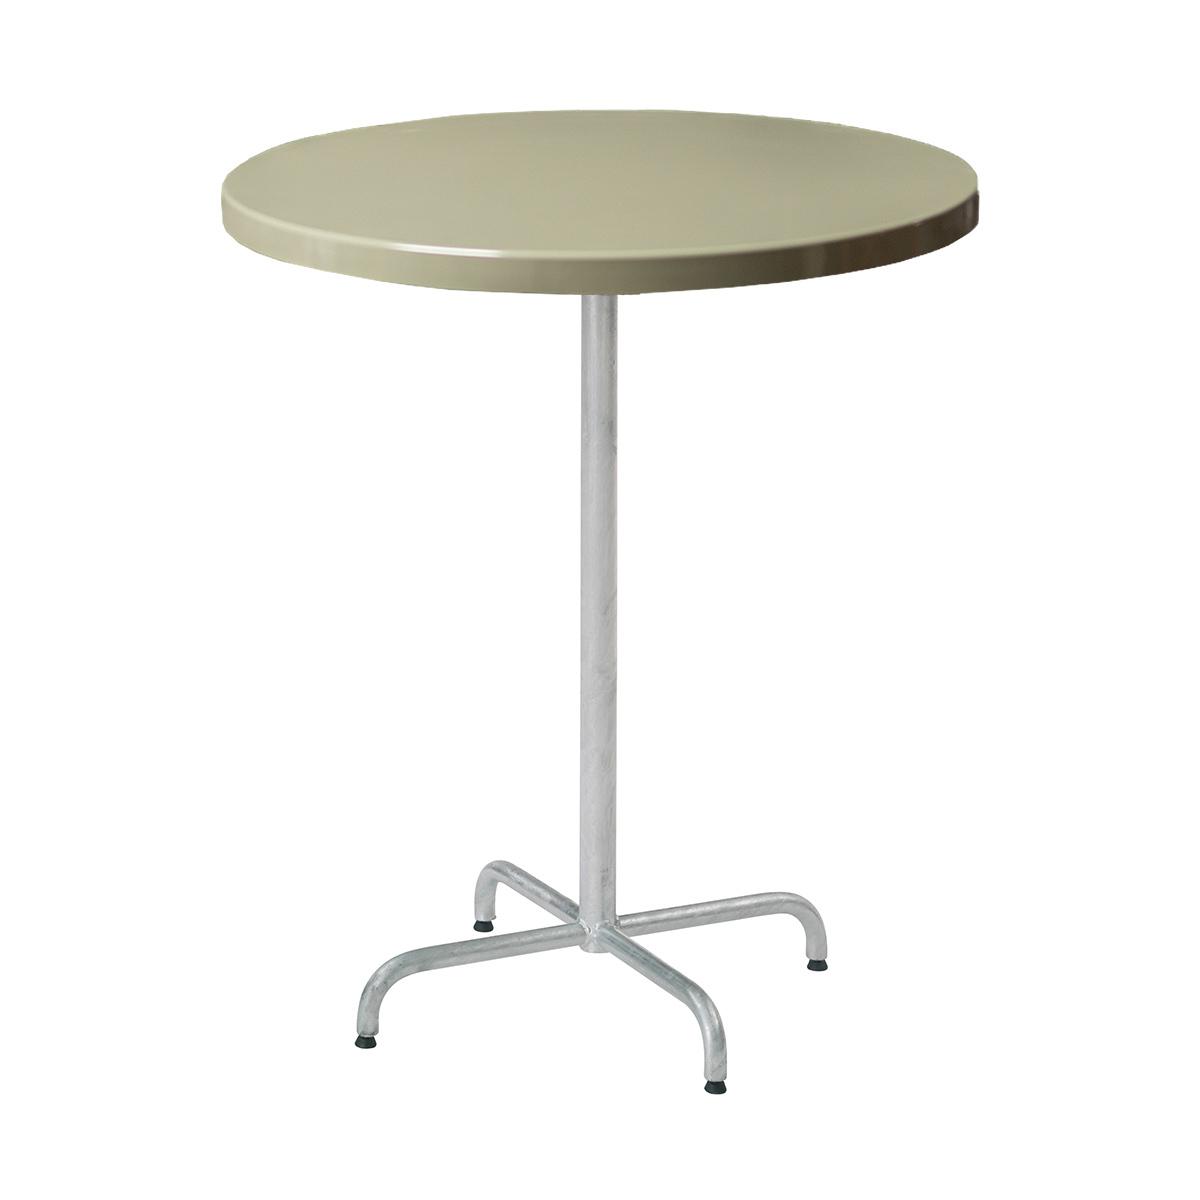 GFK Tisch grün, glanz, Untergestell galvanisch, 4-Stern Retro, D 70 x 3.5 cm, H 109 cm